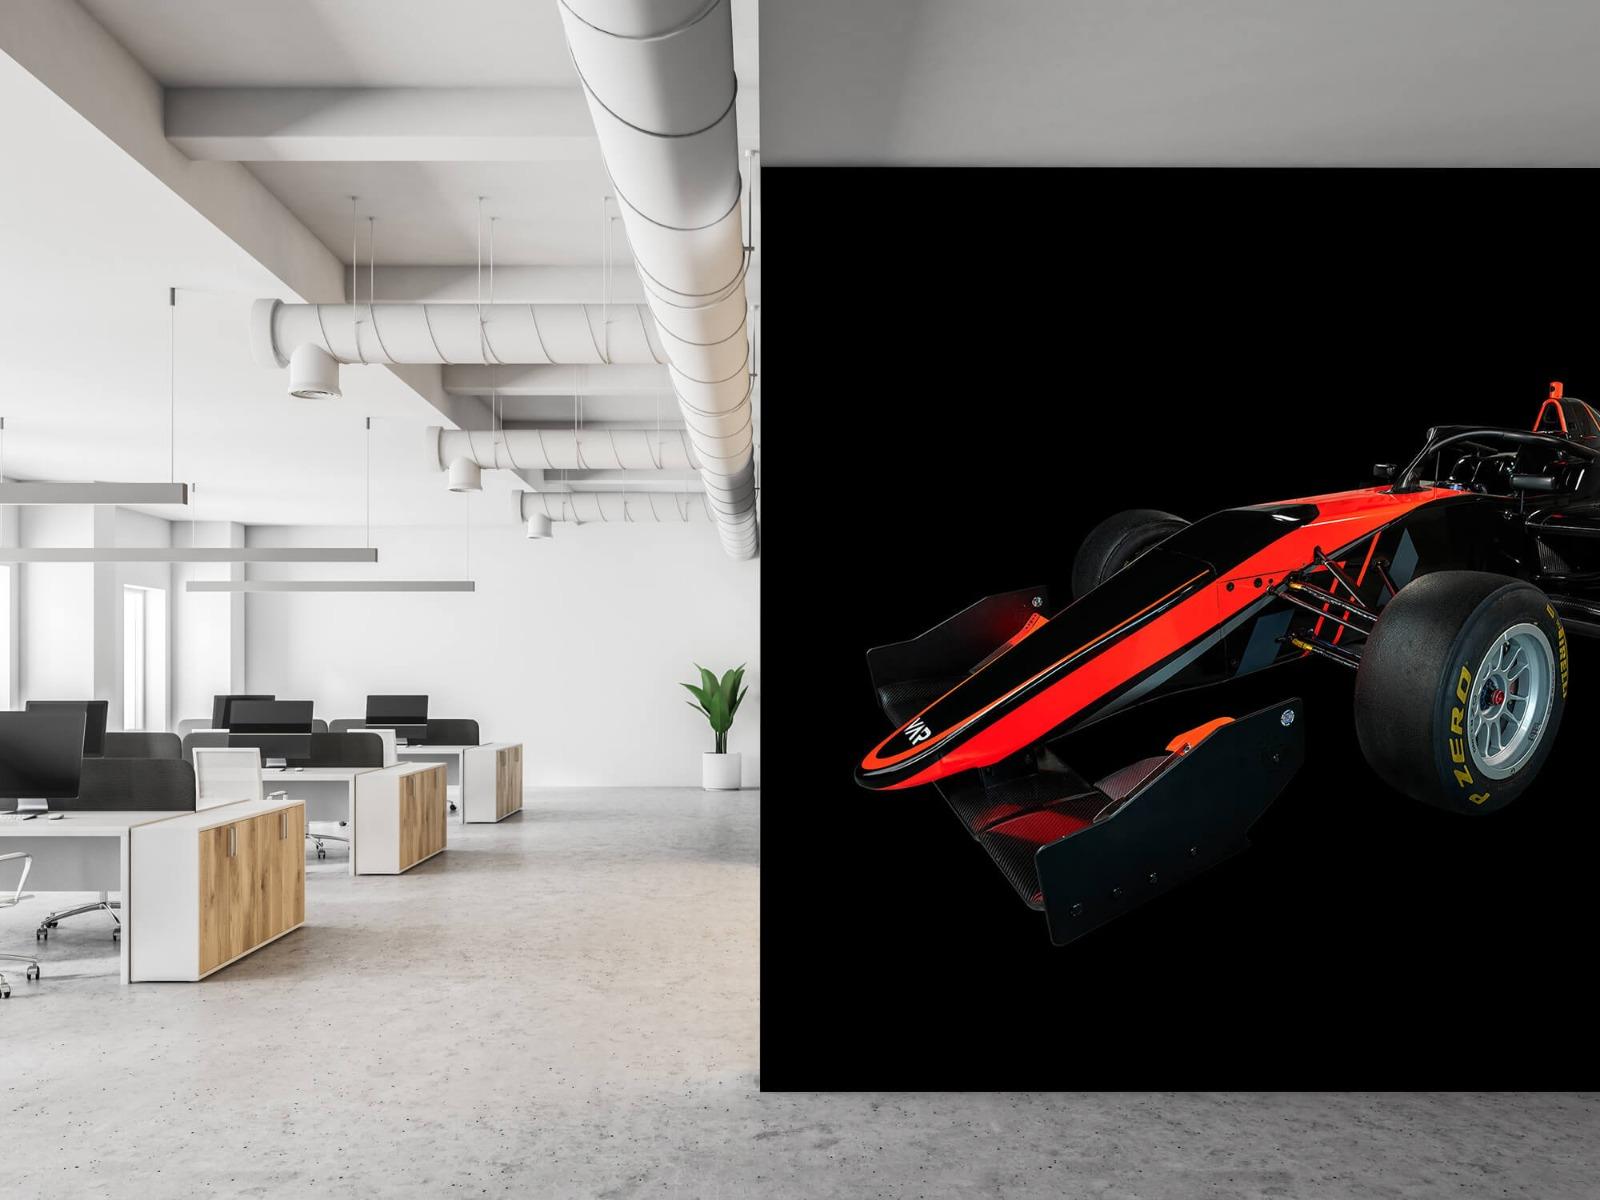 Sportauto's - Formule 3 - Left front view - dark - Vergaderruimte 21